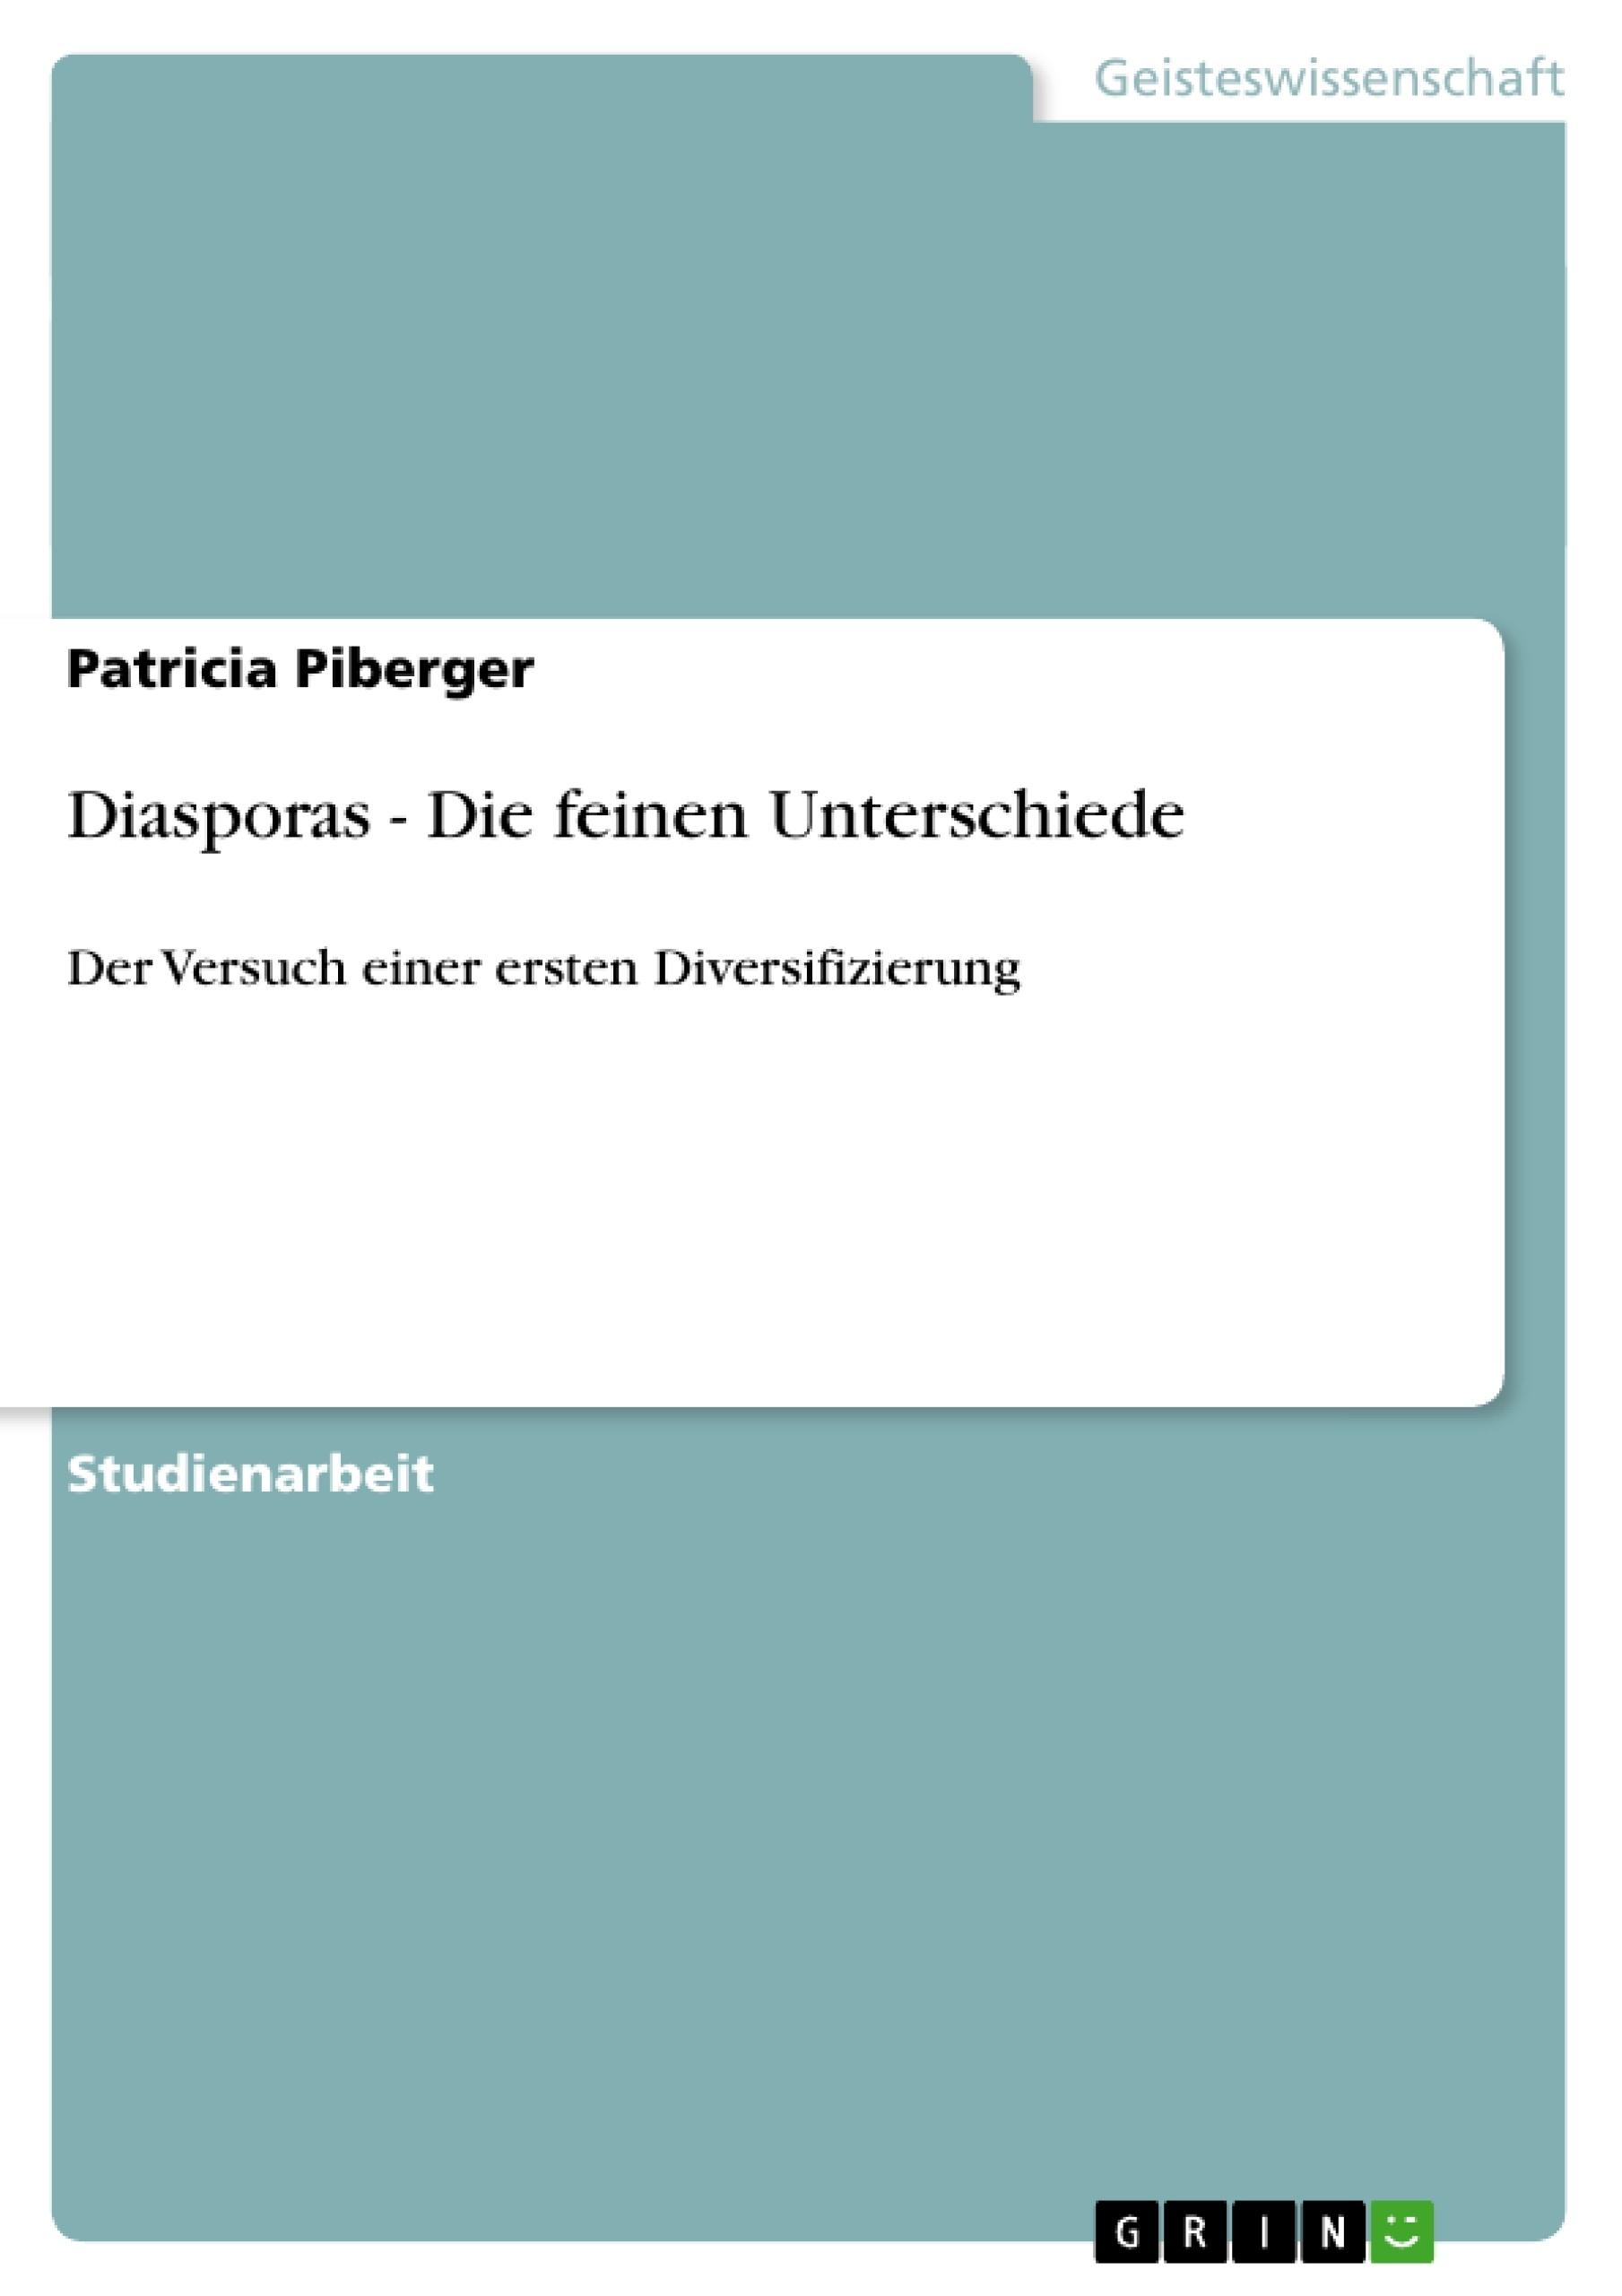 Titel: Diasporas - Die feinen Unterschiede